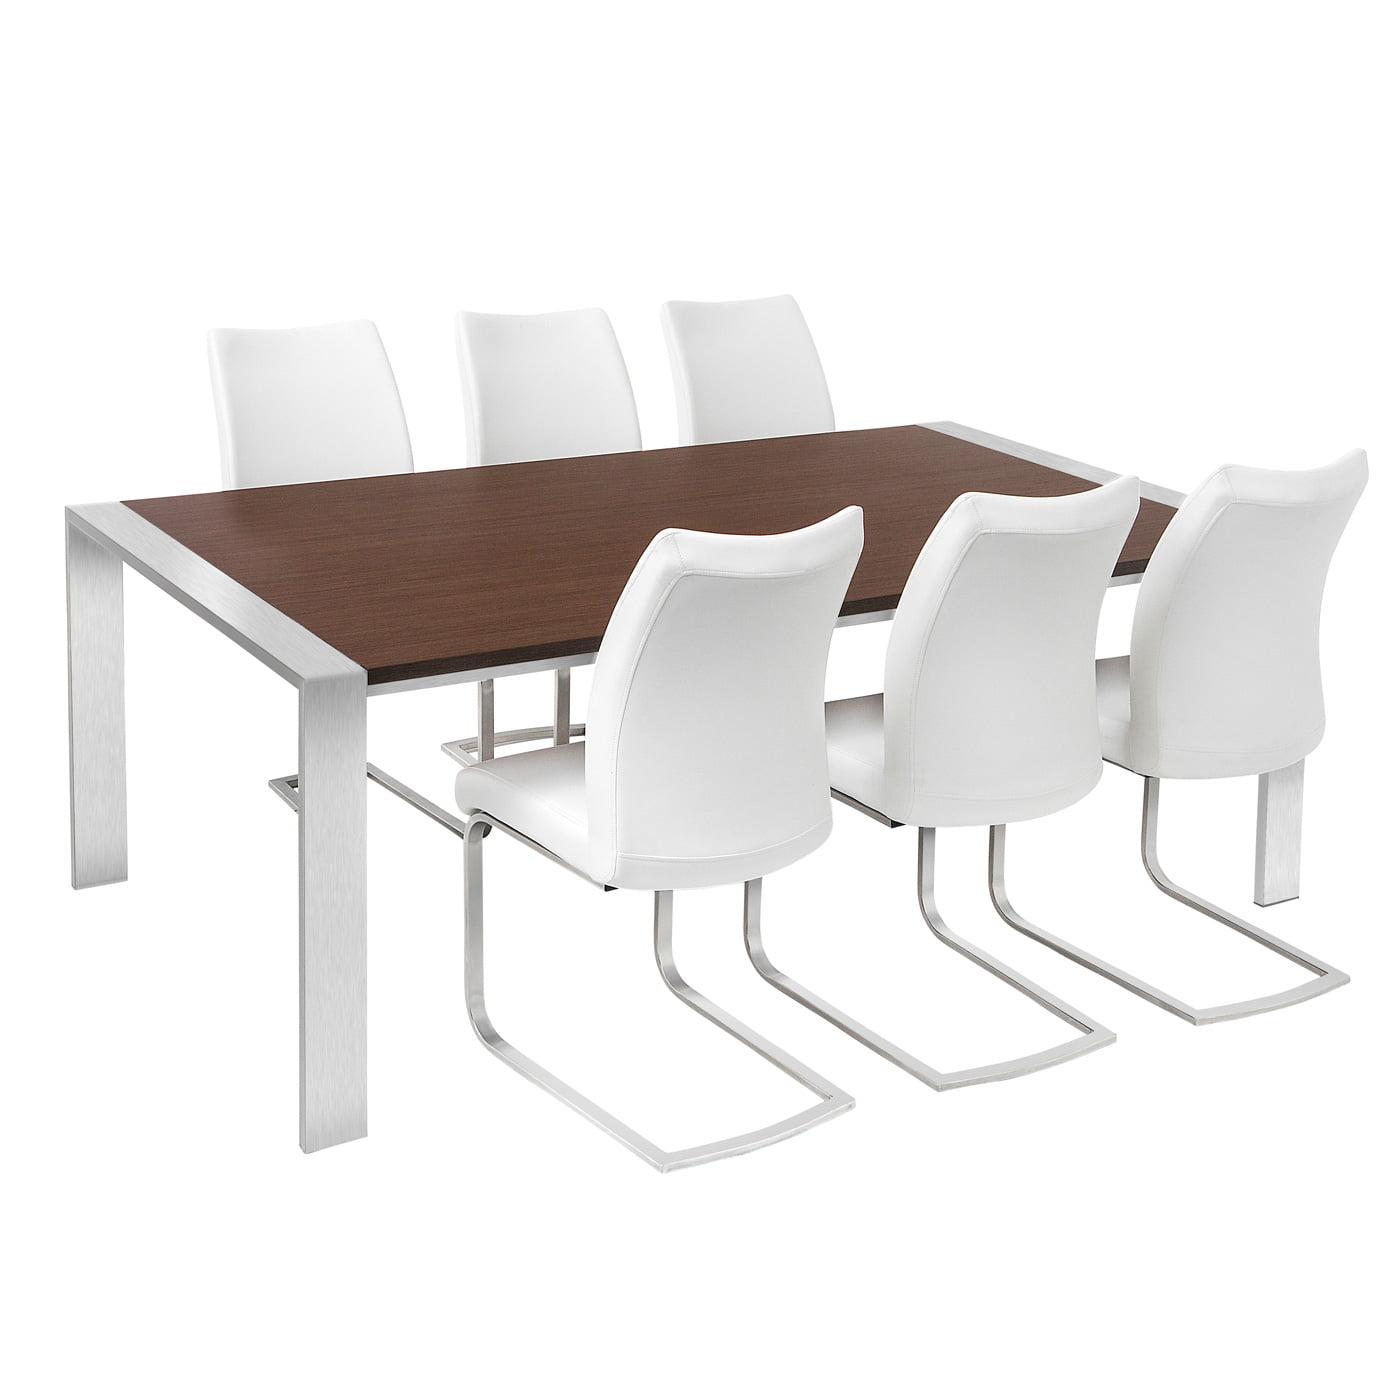 Chianti 2 0m Walnut Veneer Table Redtree Furniture